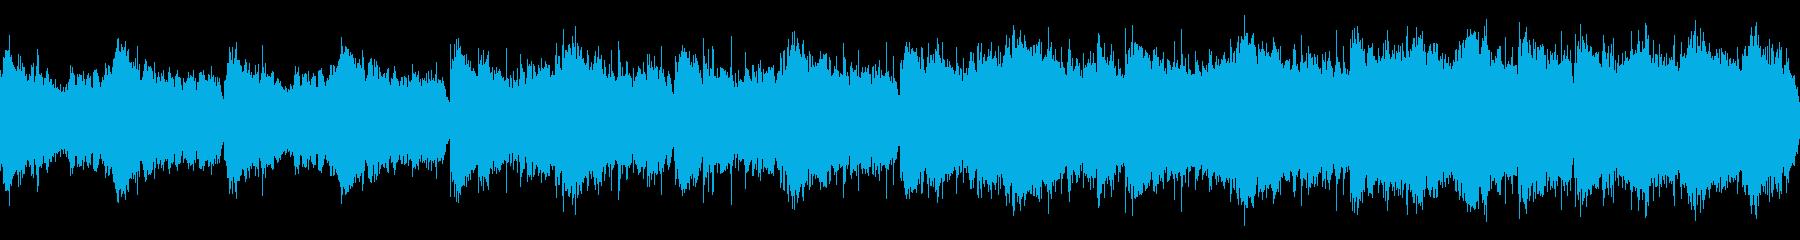 キャロル・オブ・ザ・ベルのホラーアレンジの再生済みの波形